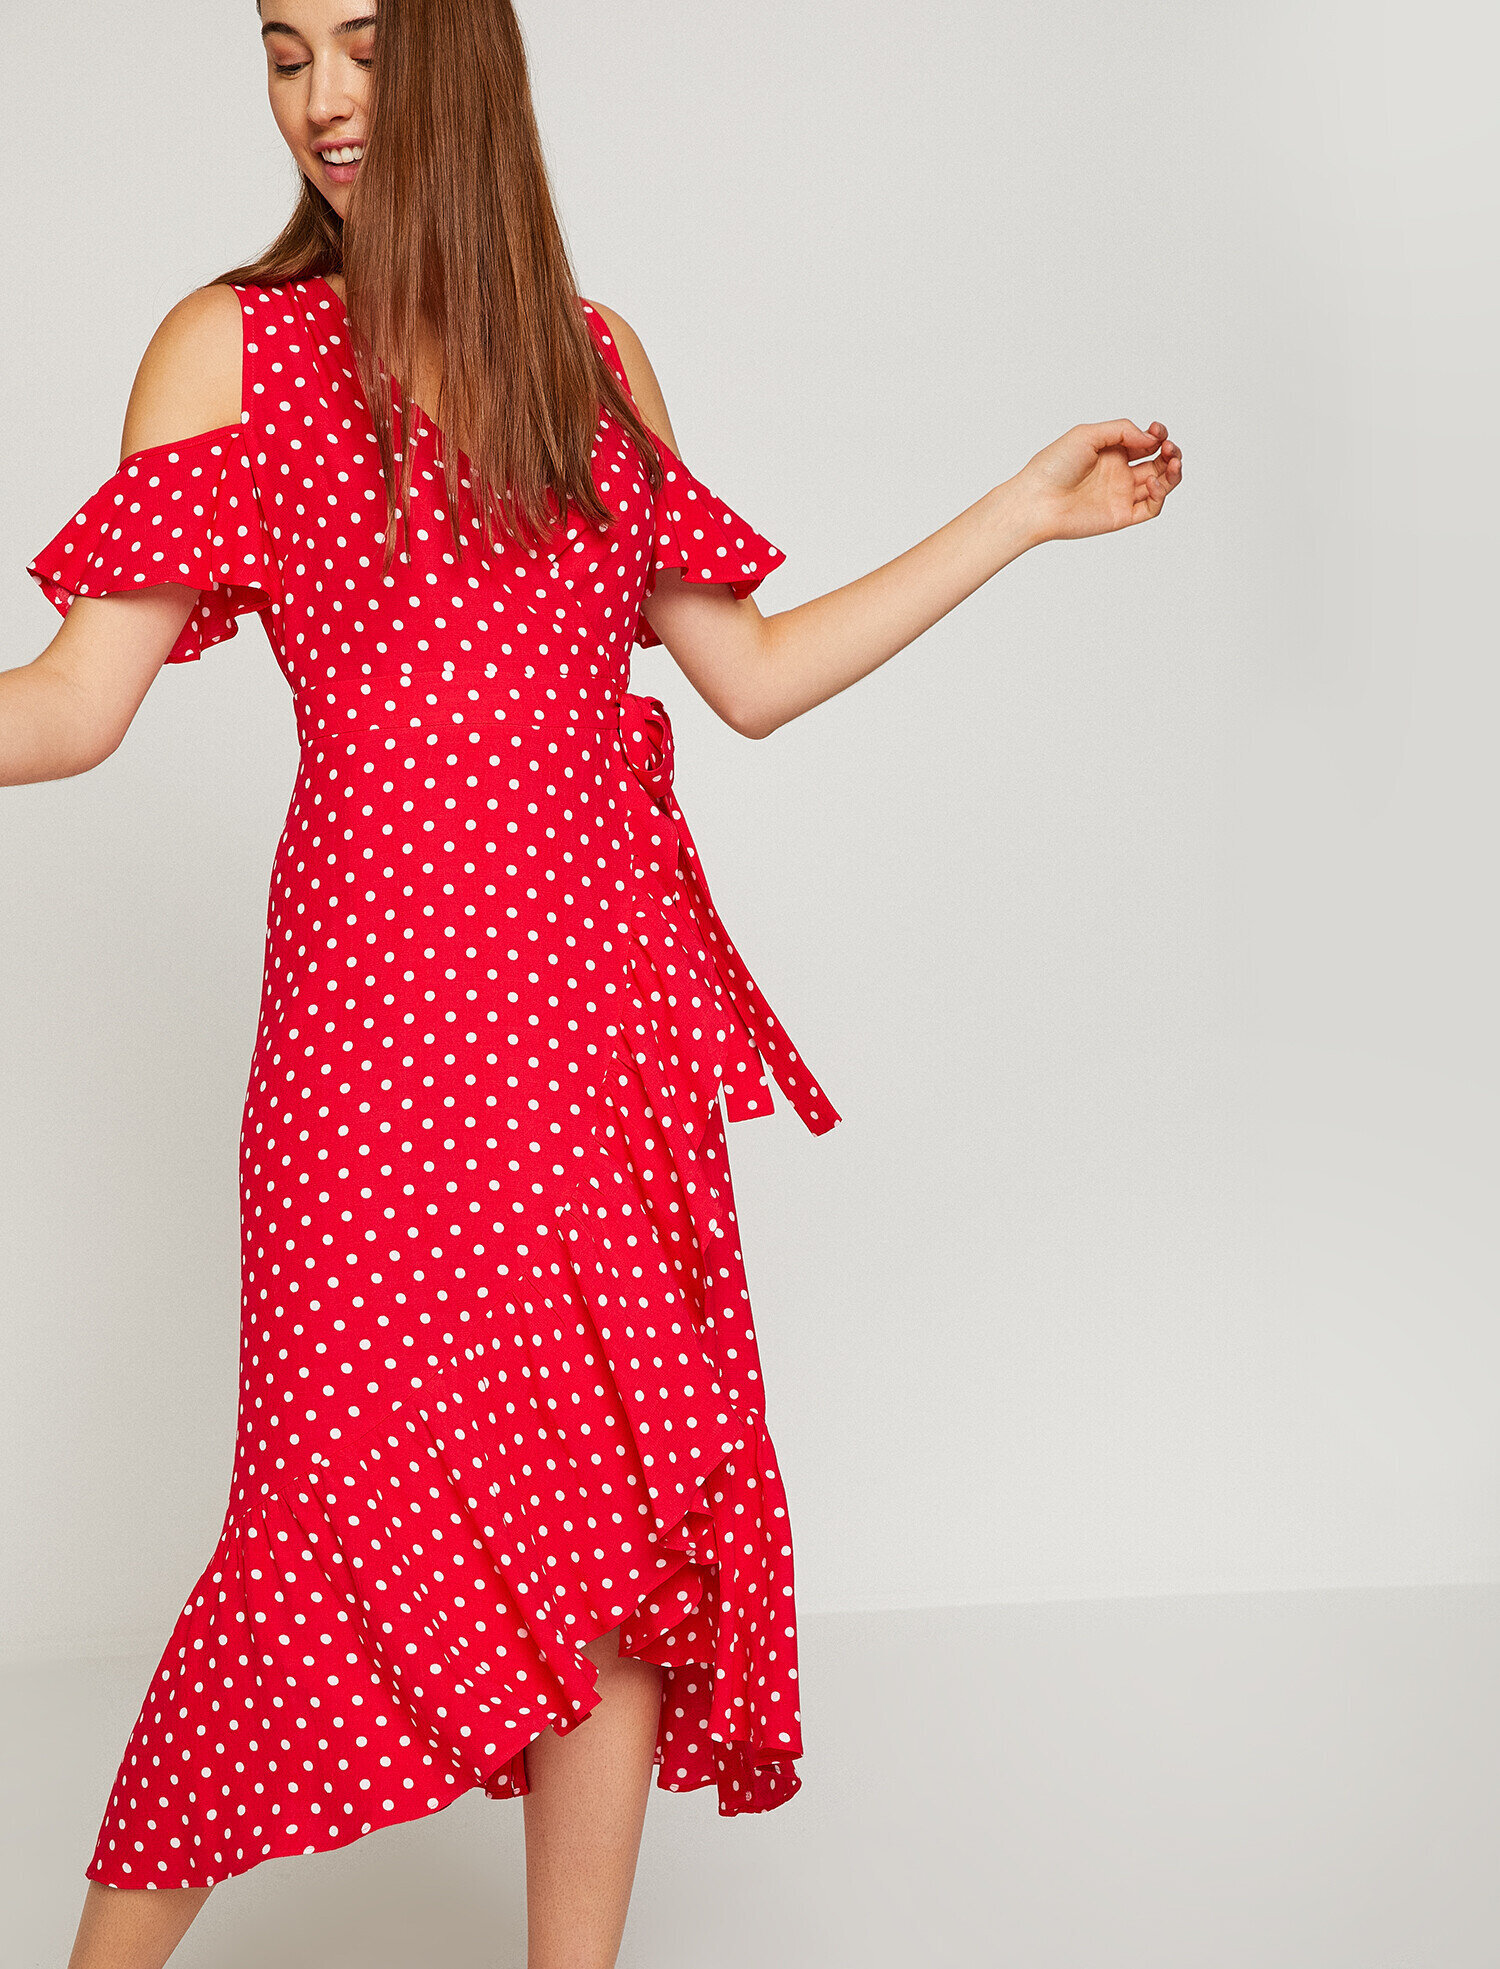 Kirmizi Bayan Puantiye Detayli Elbise 8yak88755pw01d Koton